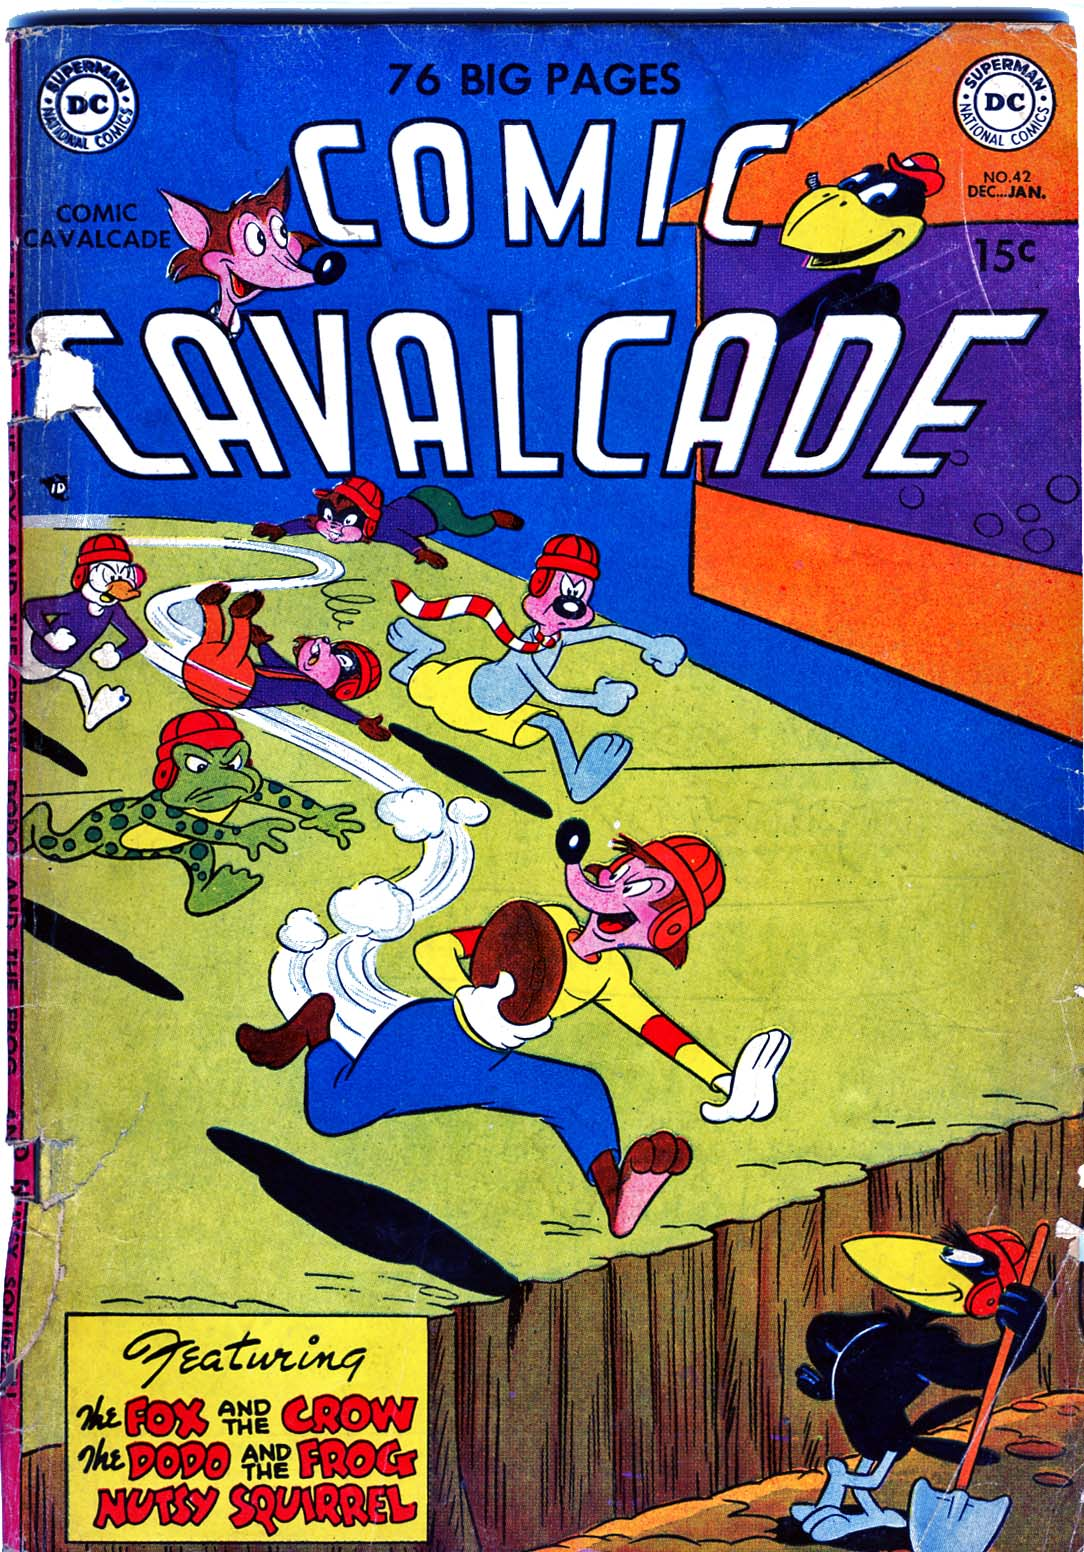 Comic Cavalcade 42 Page 1